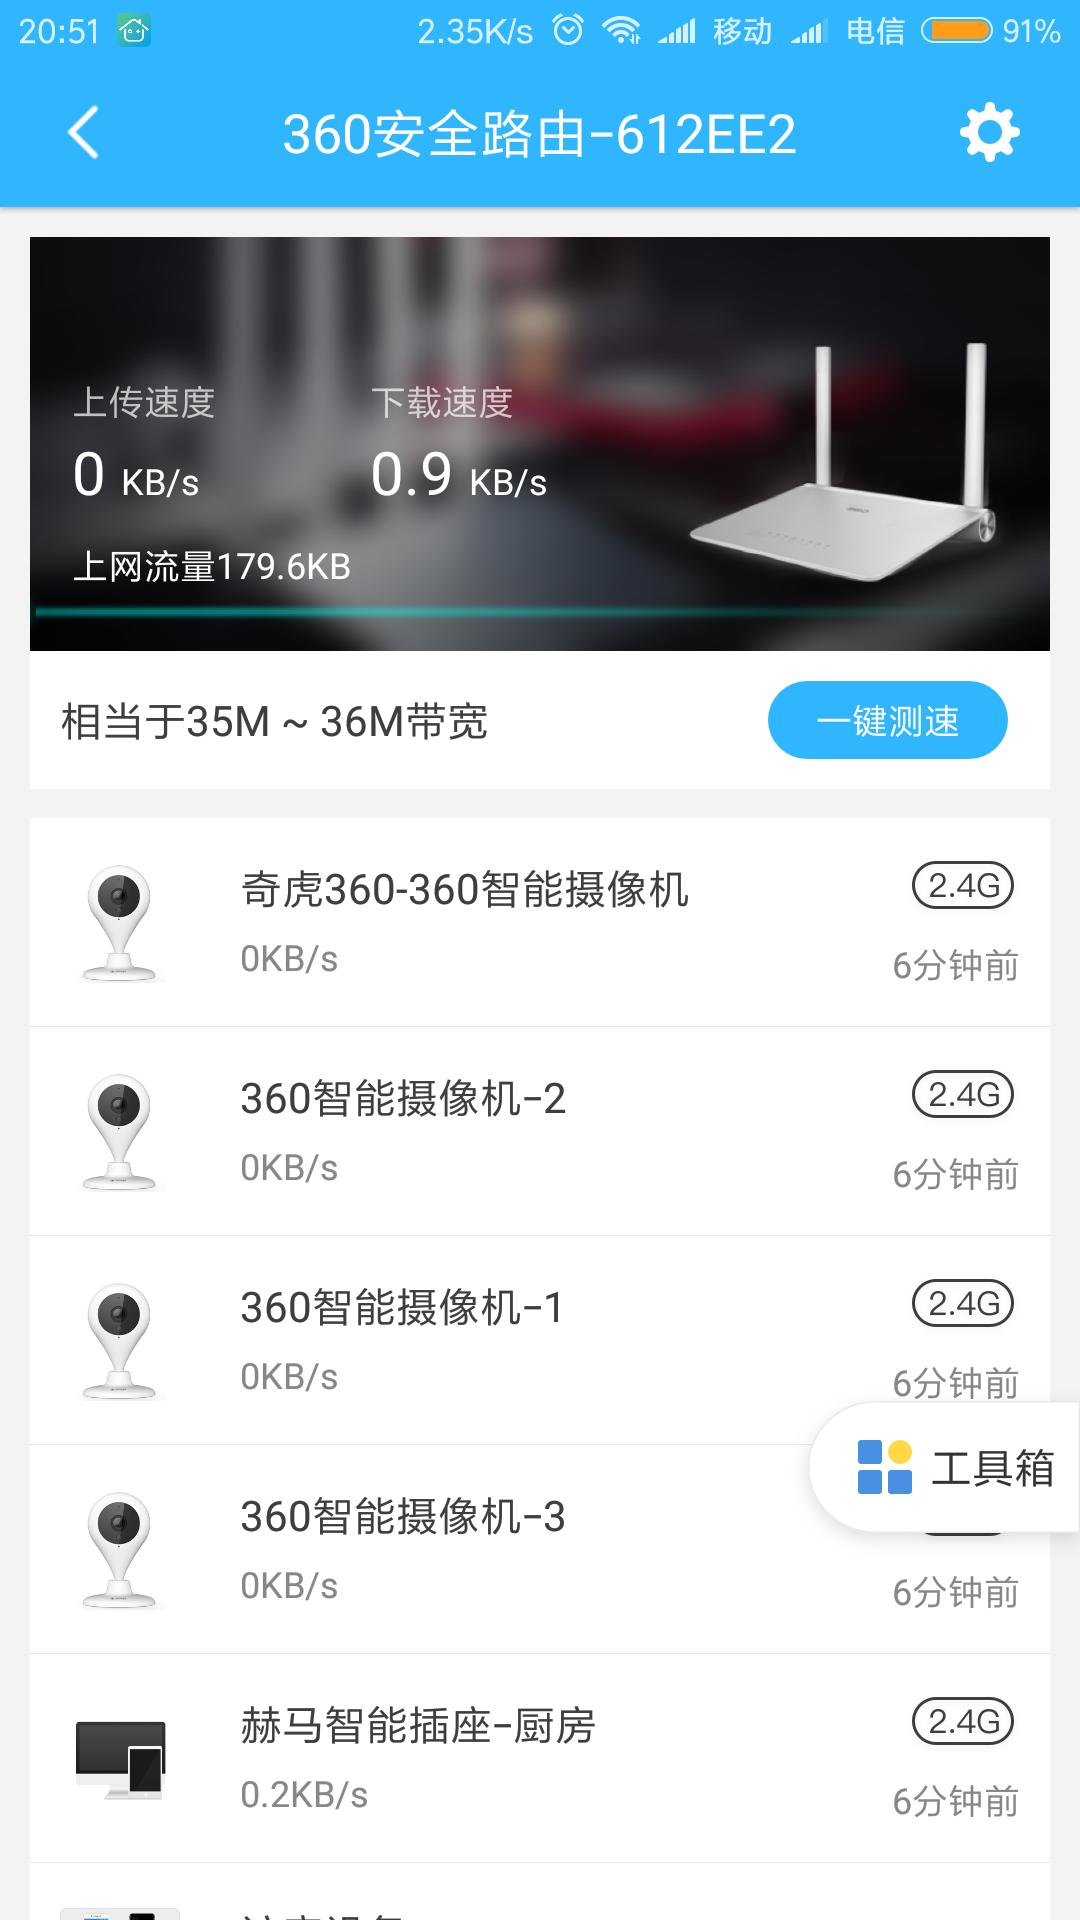 Screenshot_2018-07-04-20-51-22-561_com.qihoo.srouter.n300.png